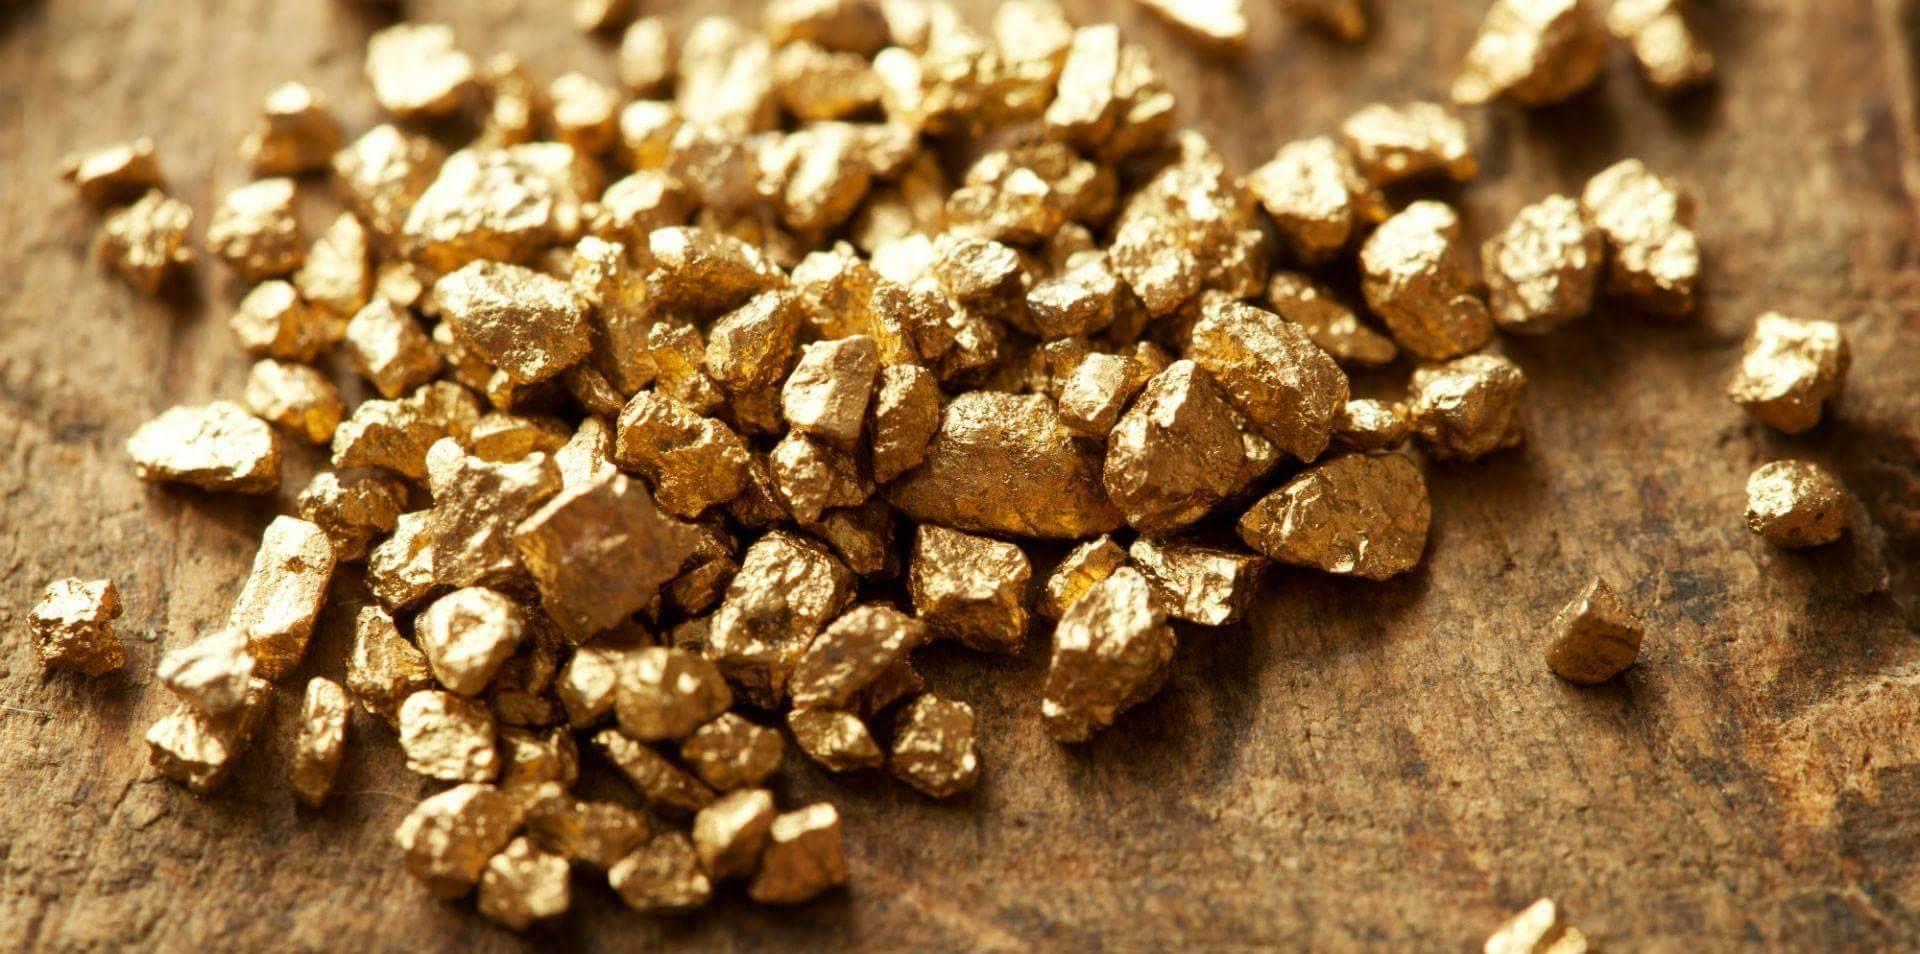 45 كغ  من الذهب الخام تصل من  القامشلي إلى دمشق كل أسبوعين